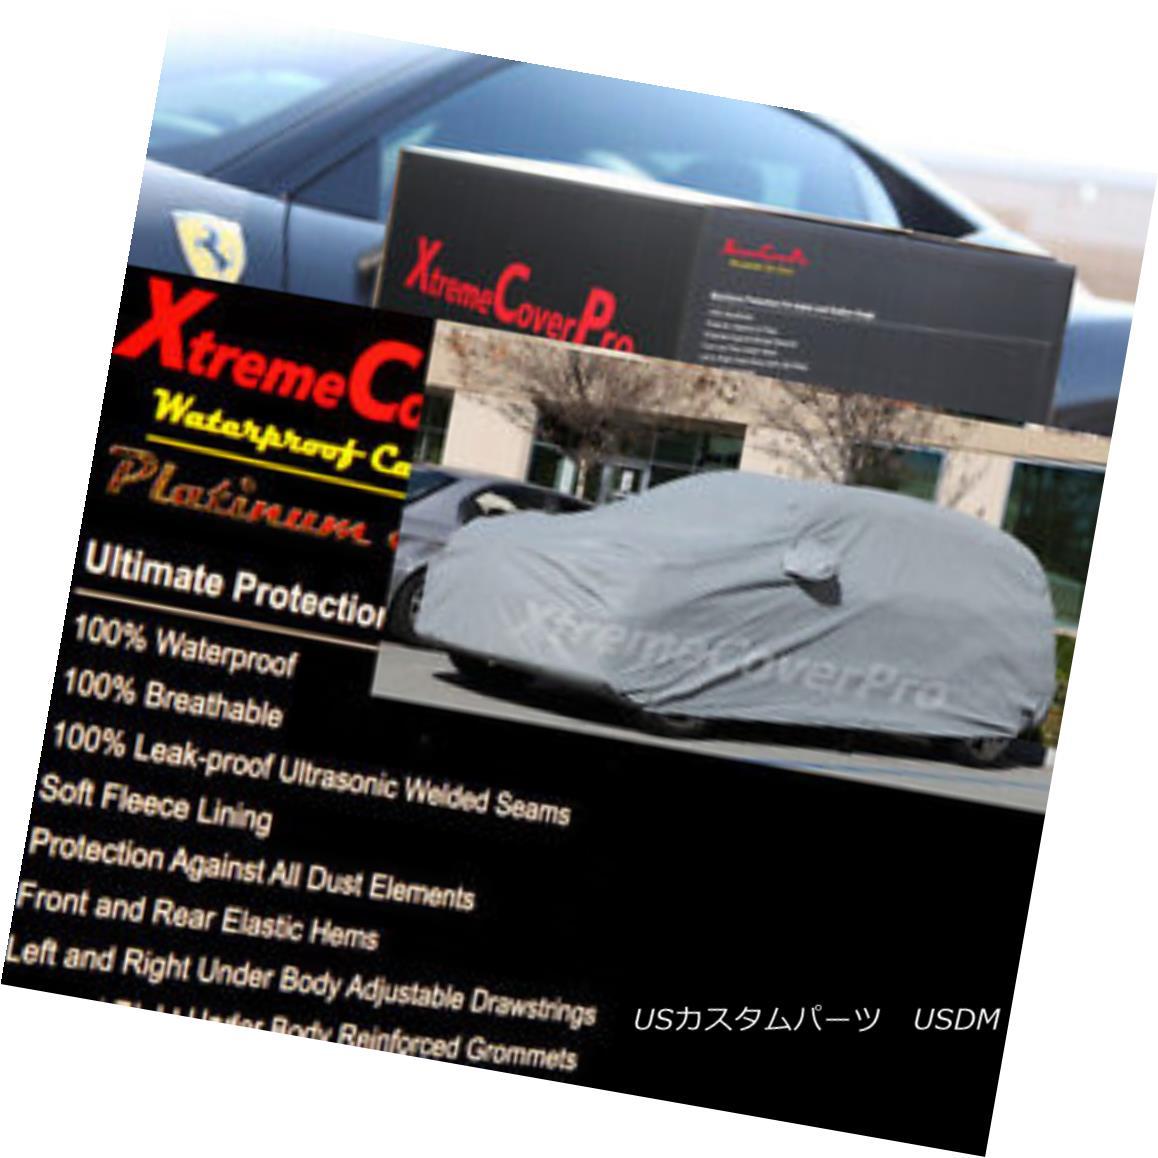 カーカバー 2015 HONDA ODYSSEY Waterproof Car Cover w/Mirror Pockets - Gray 2015 HONDA ODYSSEYミラーポケット付き防水カーカバー - グレー